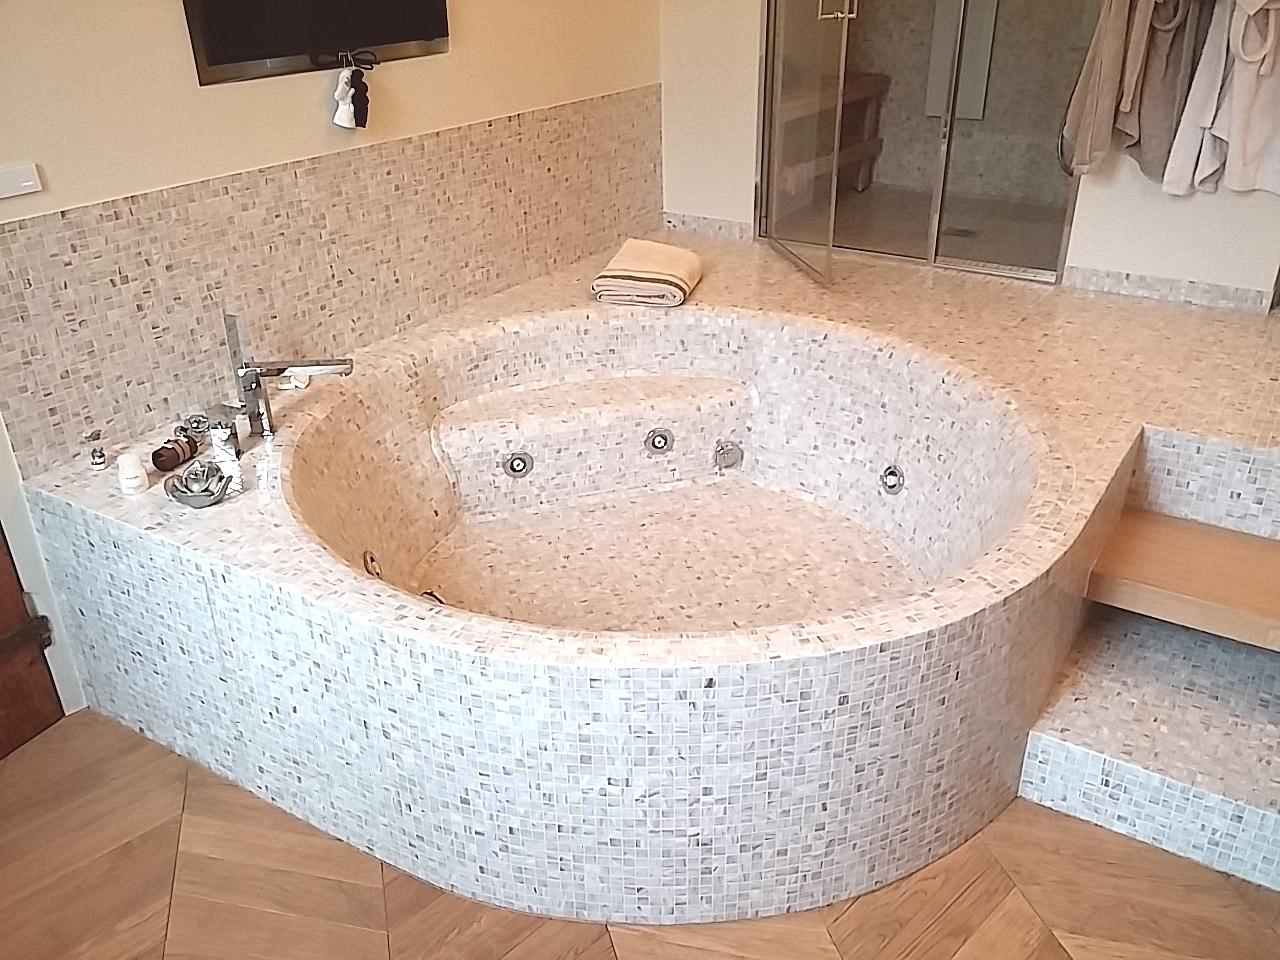 Immagini di vasche da bagno vasche da bagno di lusso with - Vasche da bagno di lusso ...